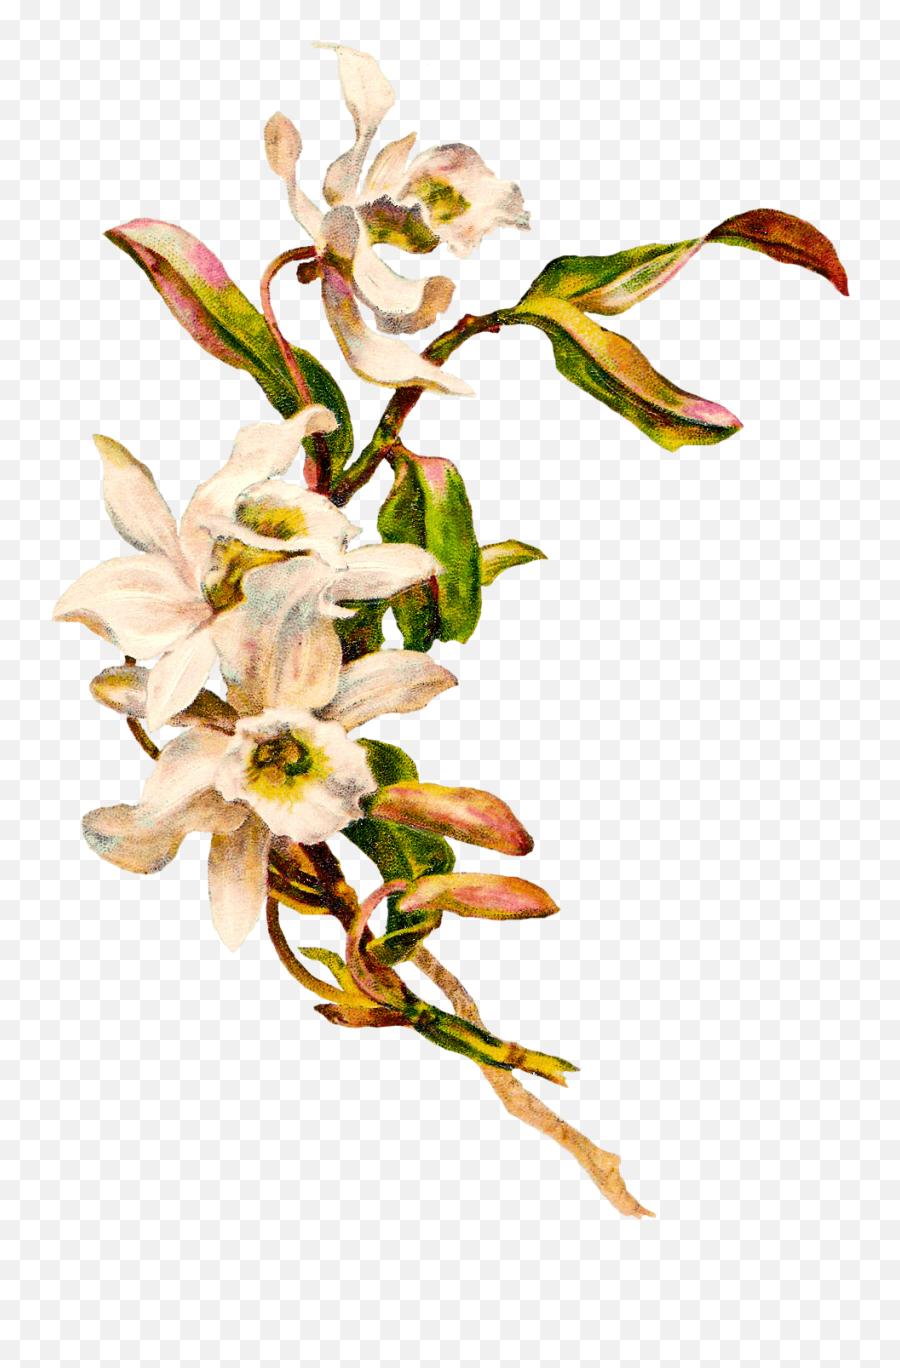 Victorian Vintage Flowers Transparent - Transparent Background Flower Png Vintage,Vintage Flower Png